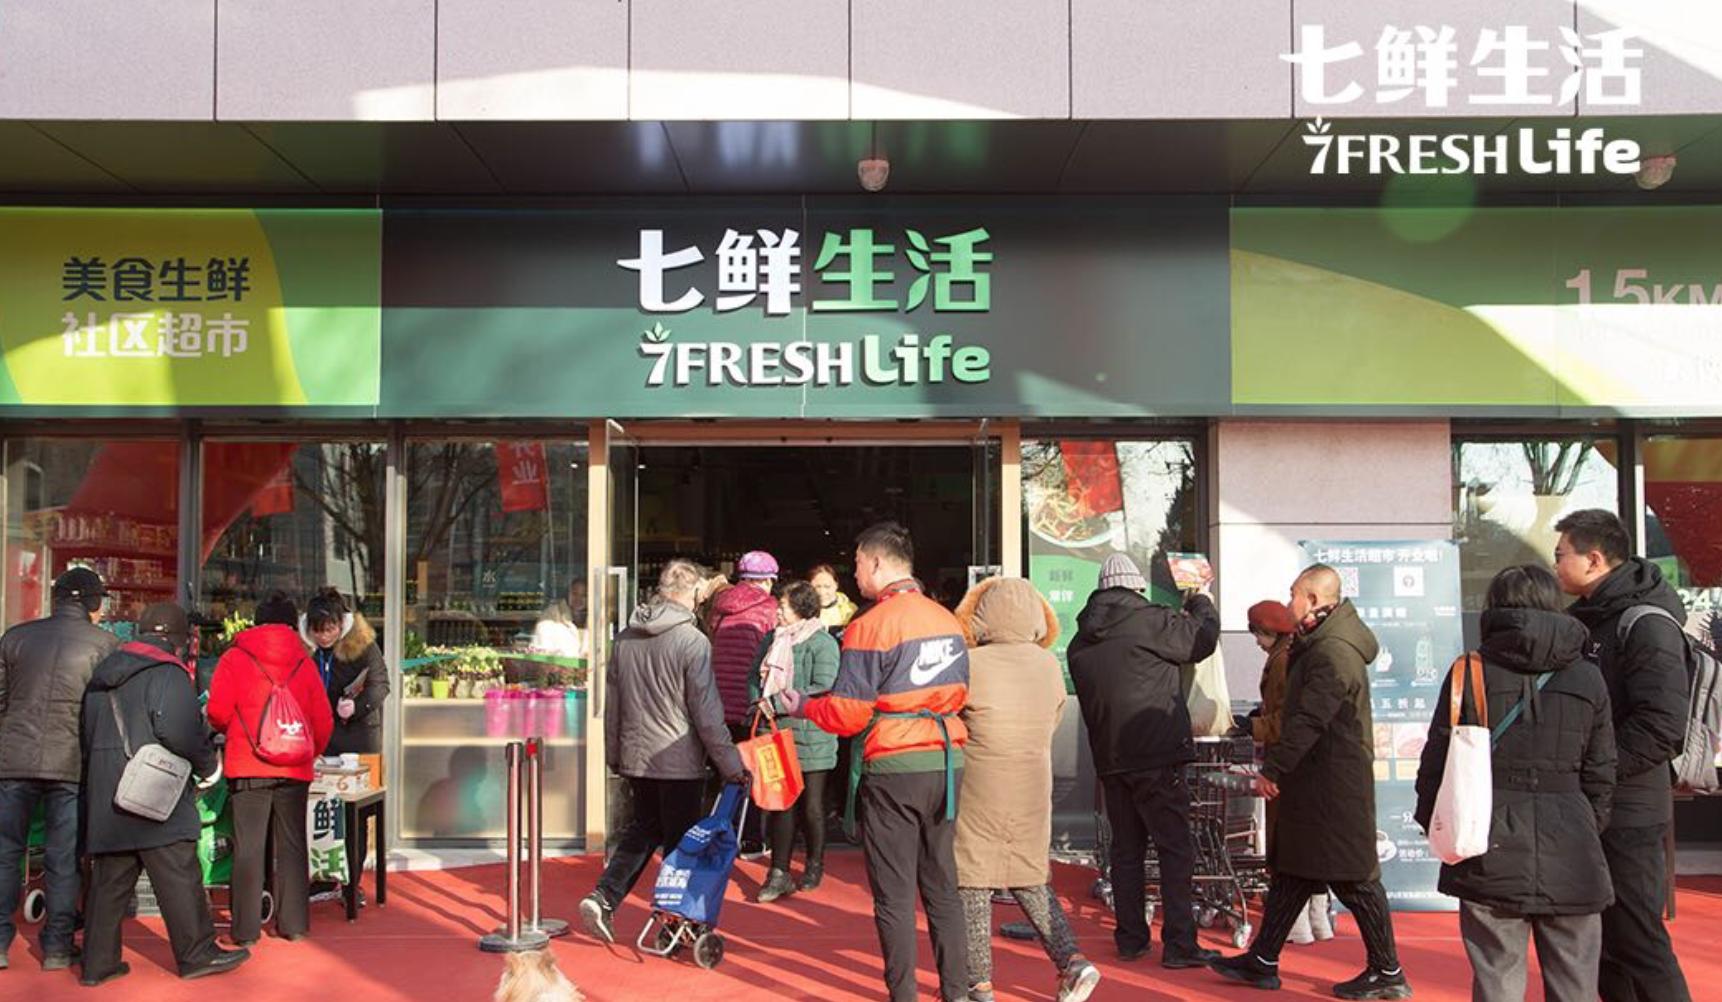 """京東""""七鮮生活""""全國首店開業:提供25小時服務,可配送1.5公里半徑"""